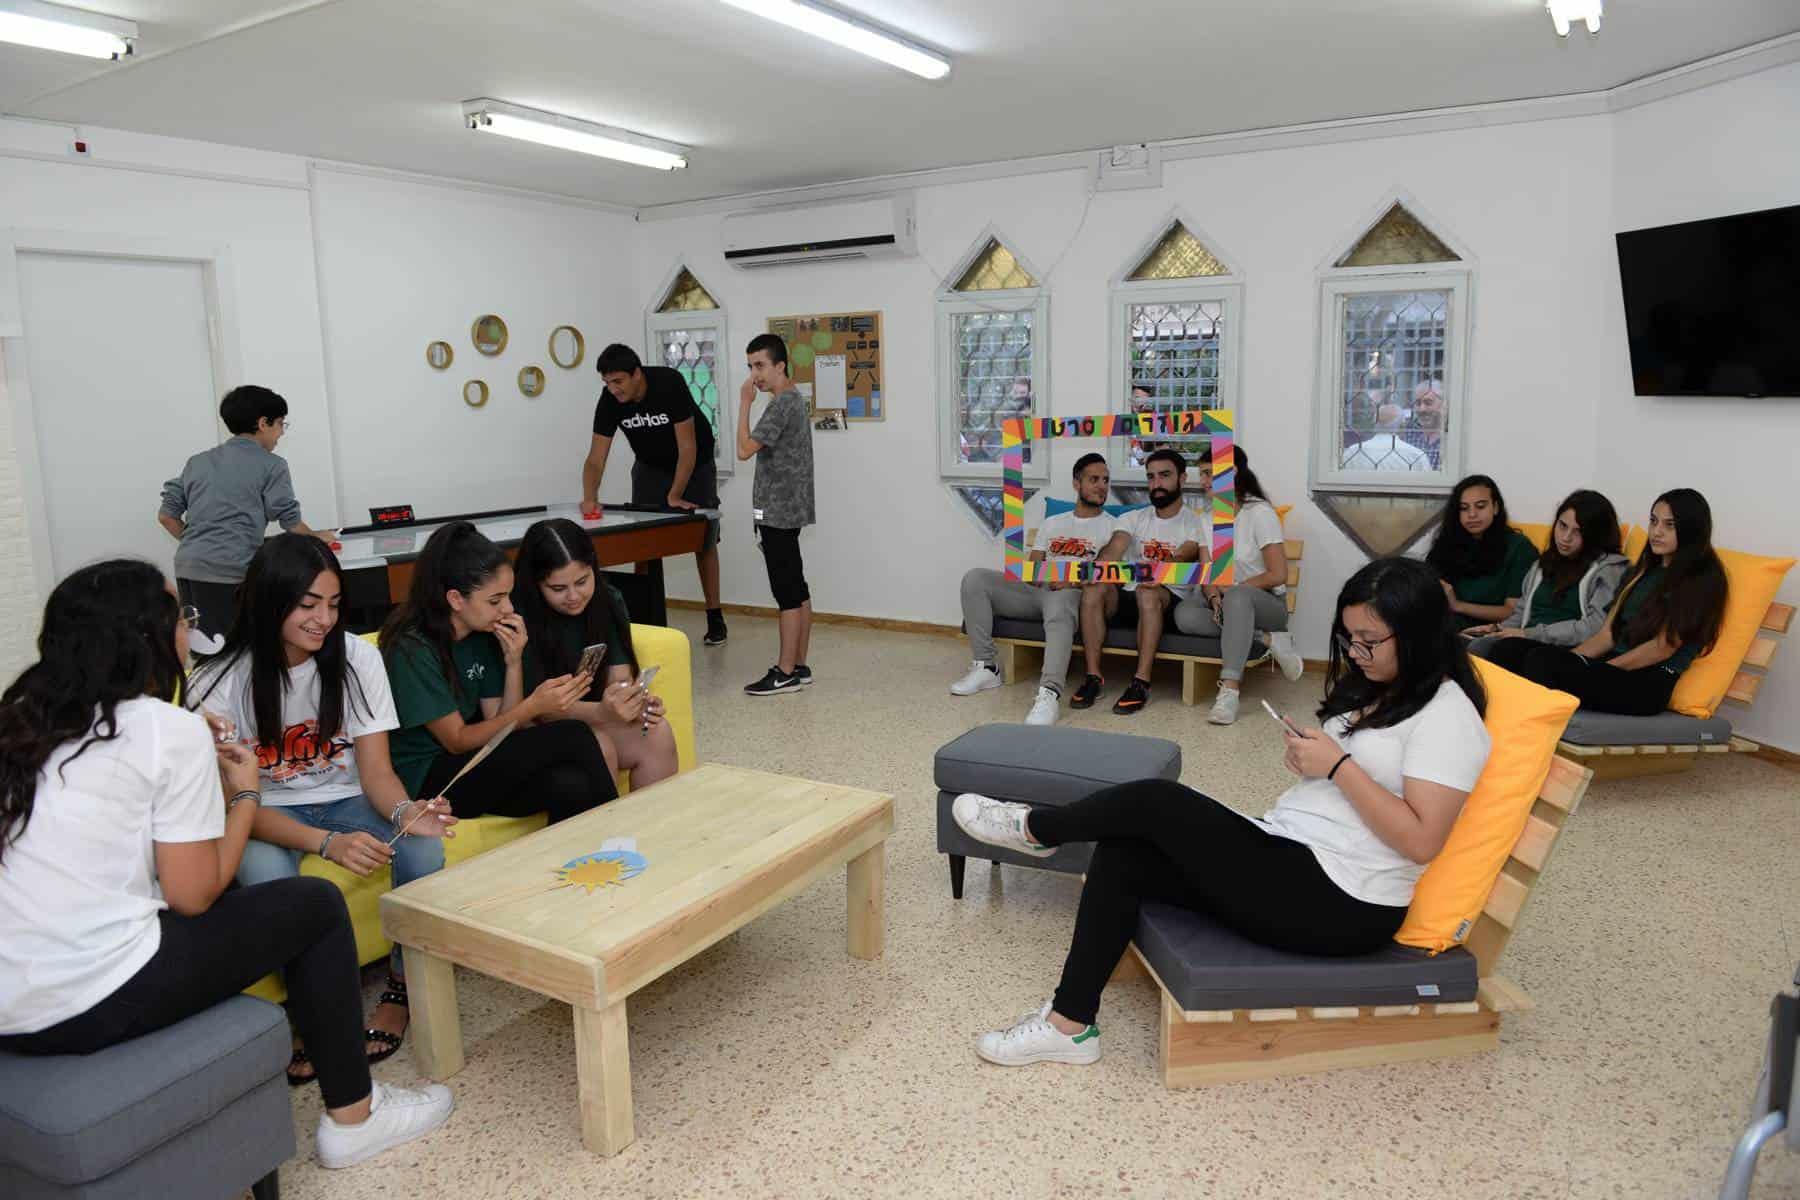 חנוכת מרכז הנוער רחלה בנאות רחל. צילום-טל קירשנבאום